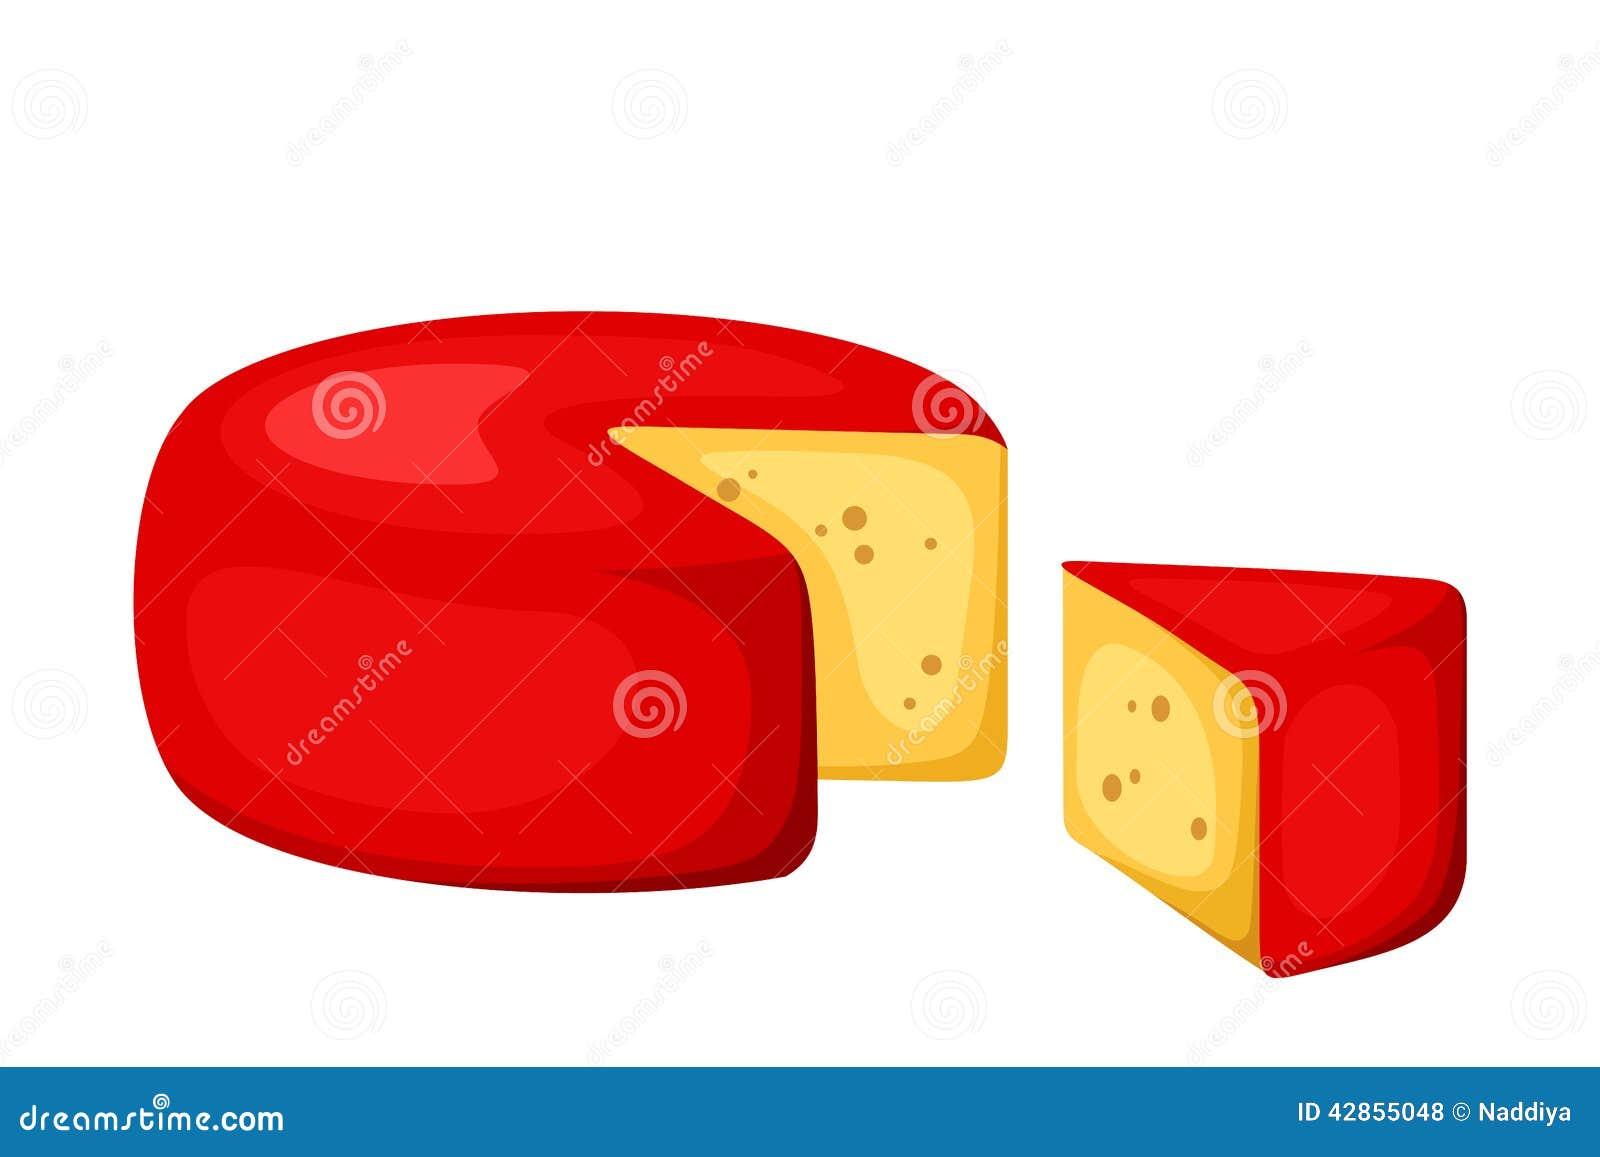 Cheese Wheel Clip Art : Cheese wheel vector pixshark images galleries